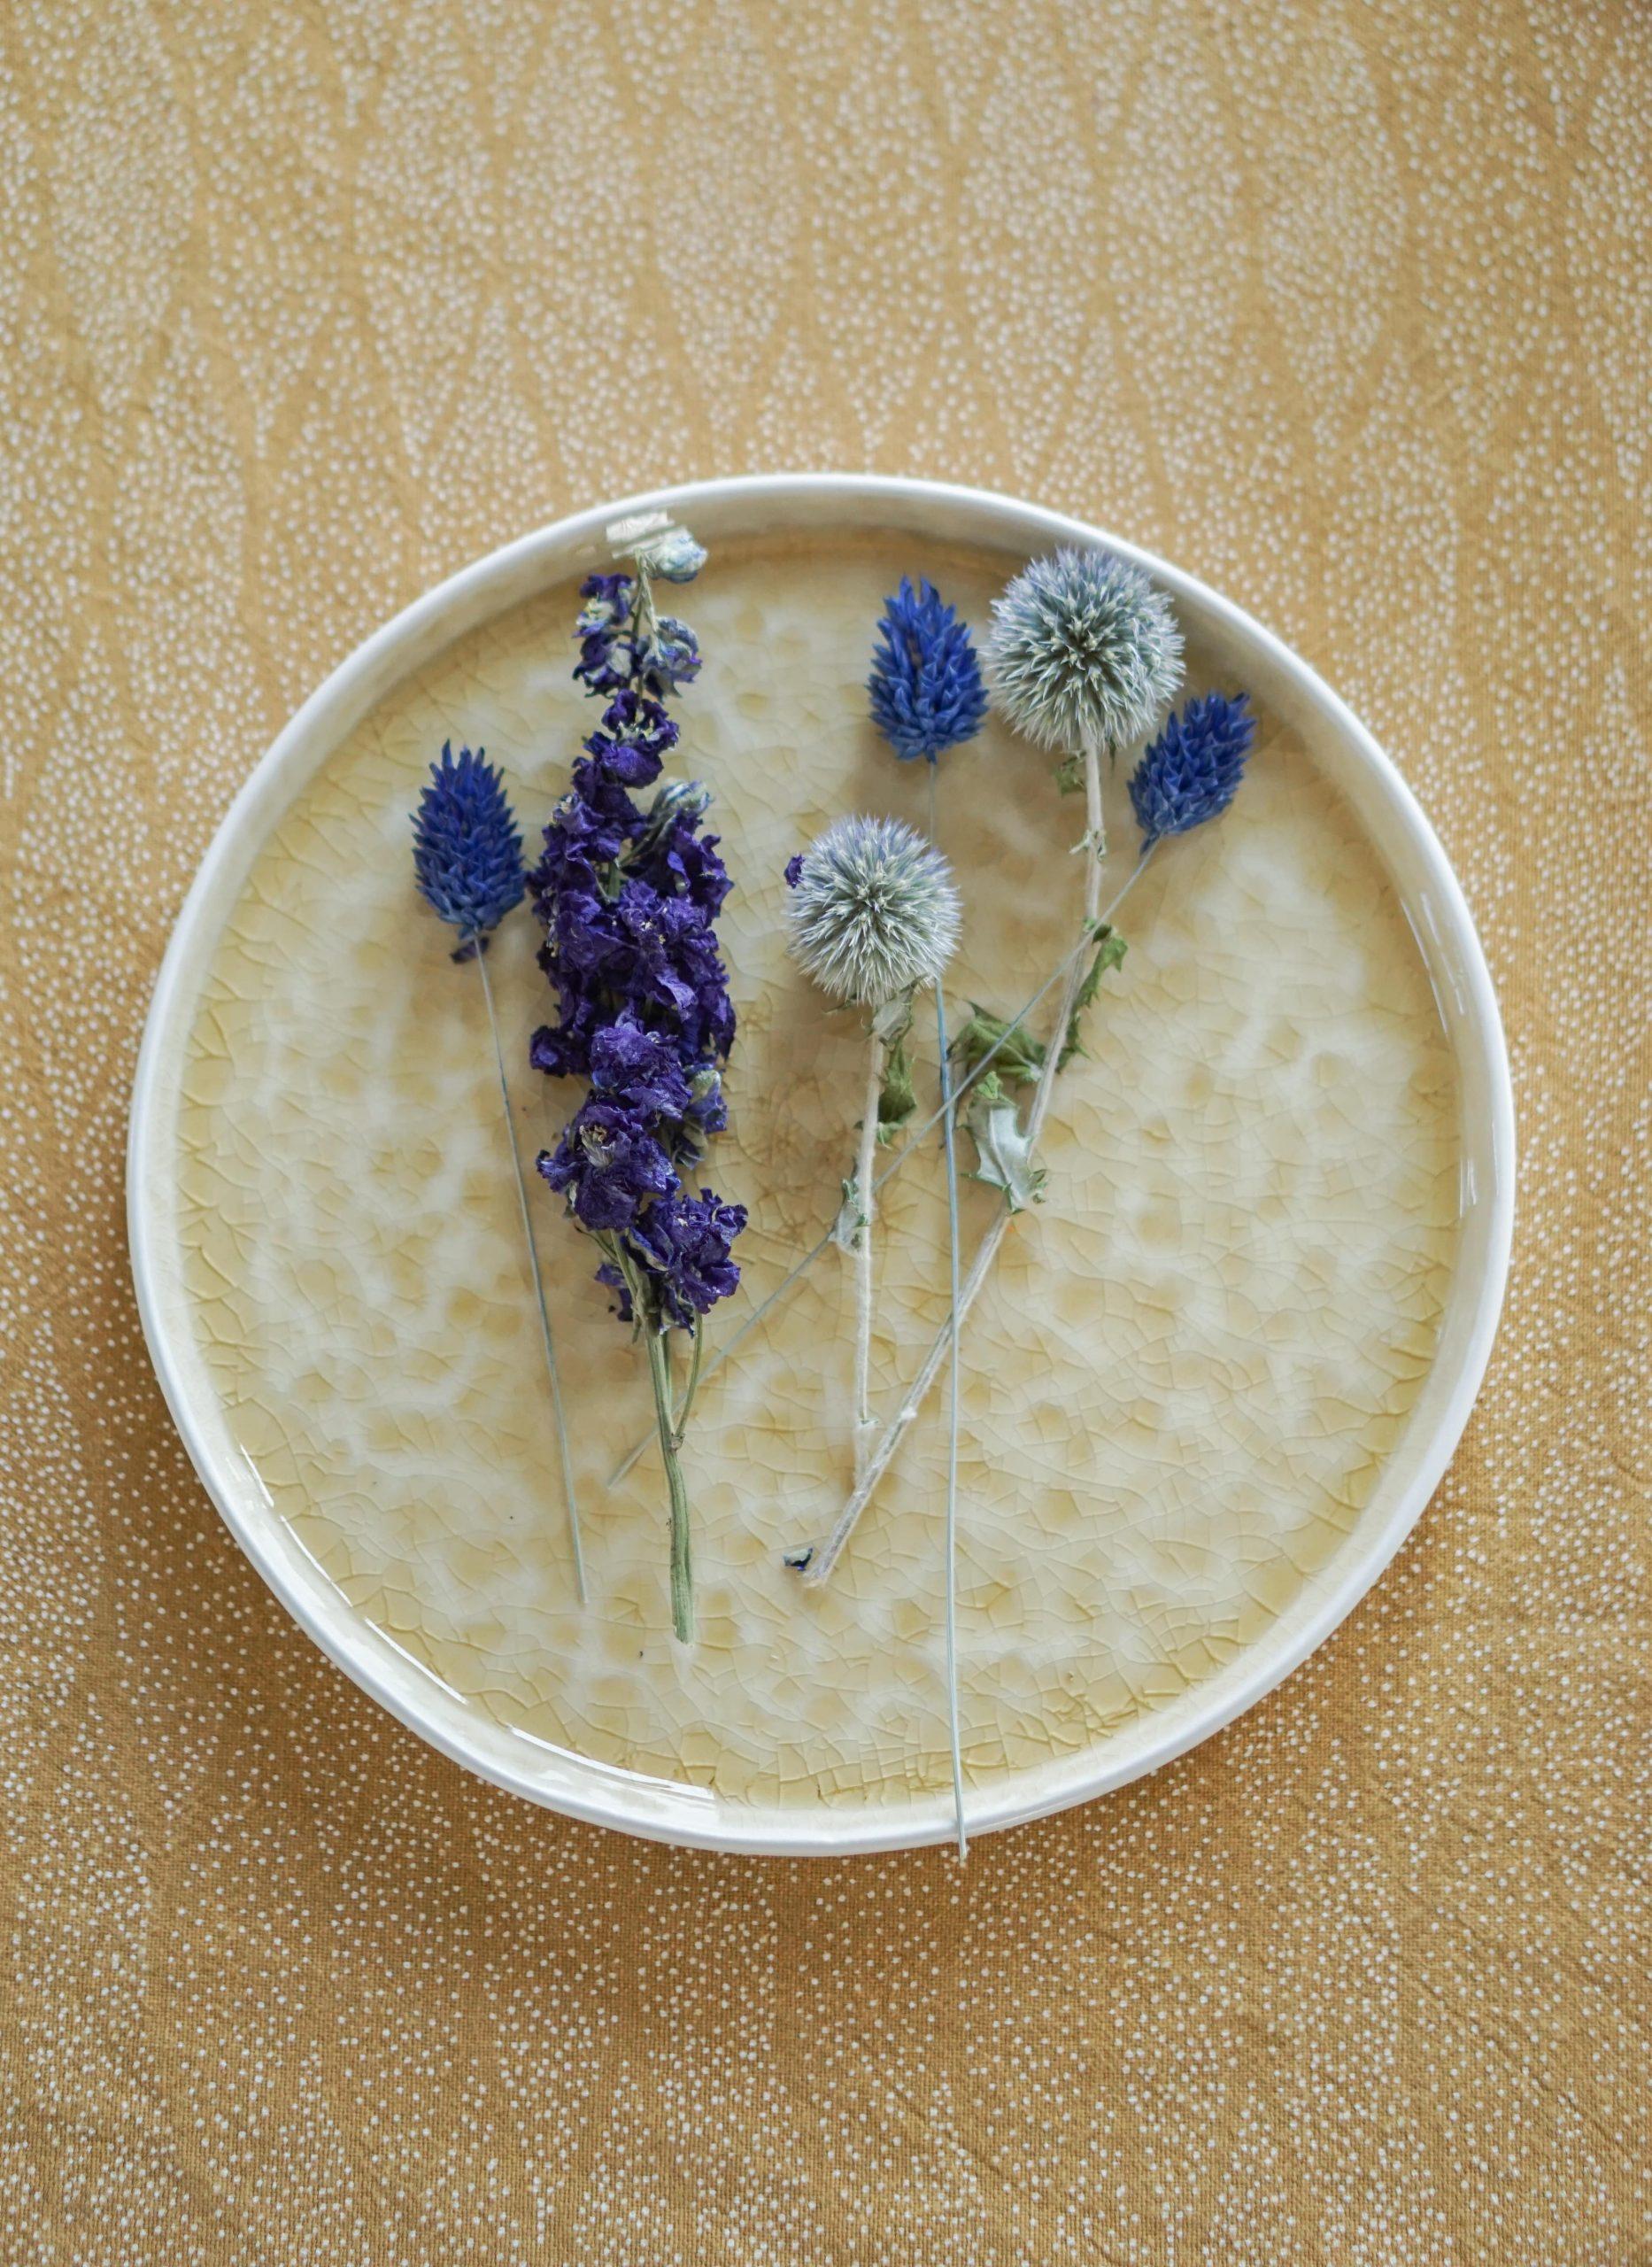 droogbloemen versieren bord